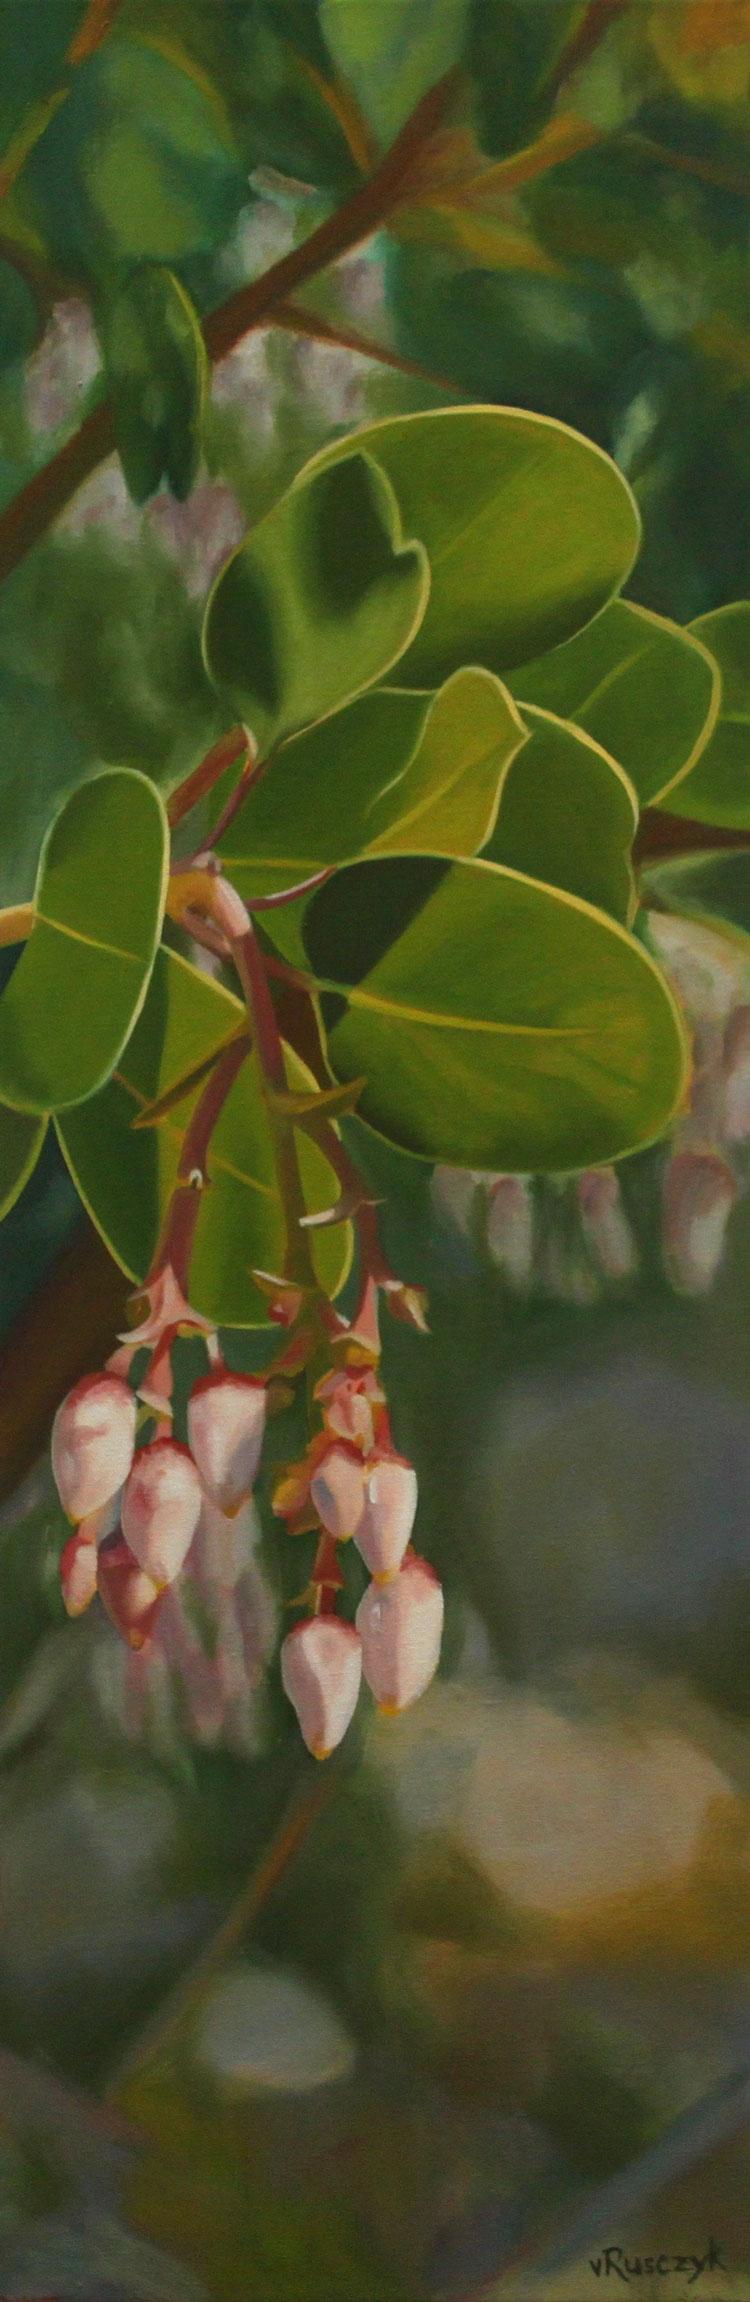 Manzanita Blossoms